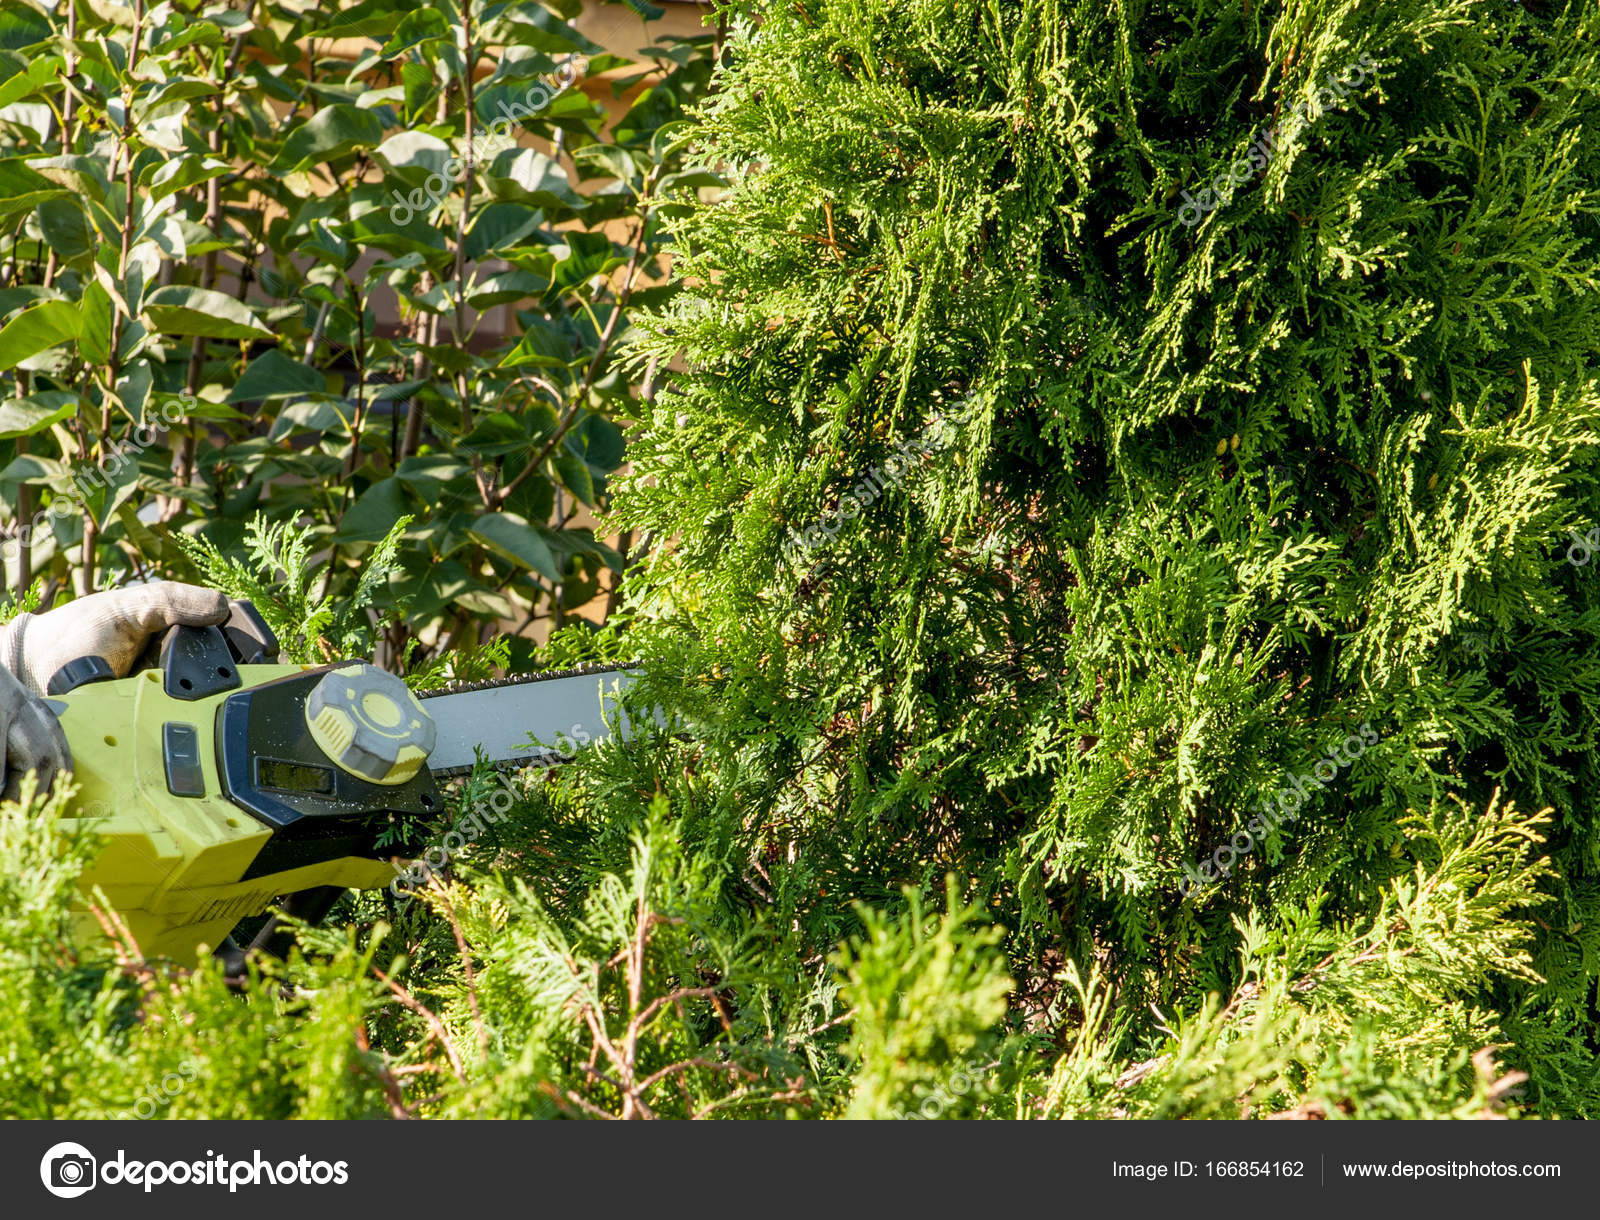 Sehr Büsche schneiden / trimmen die Büsche — Stockfoto © damiangretka SM85